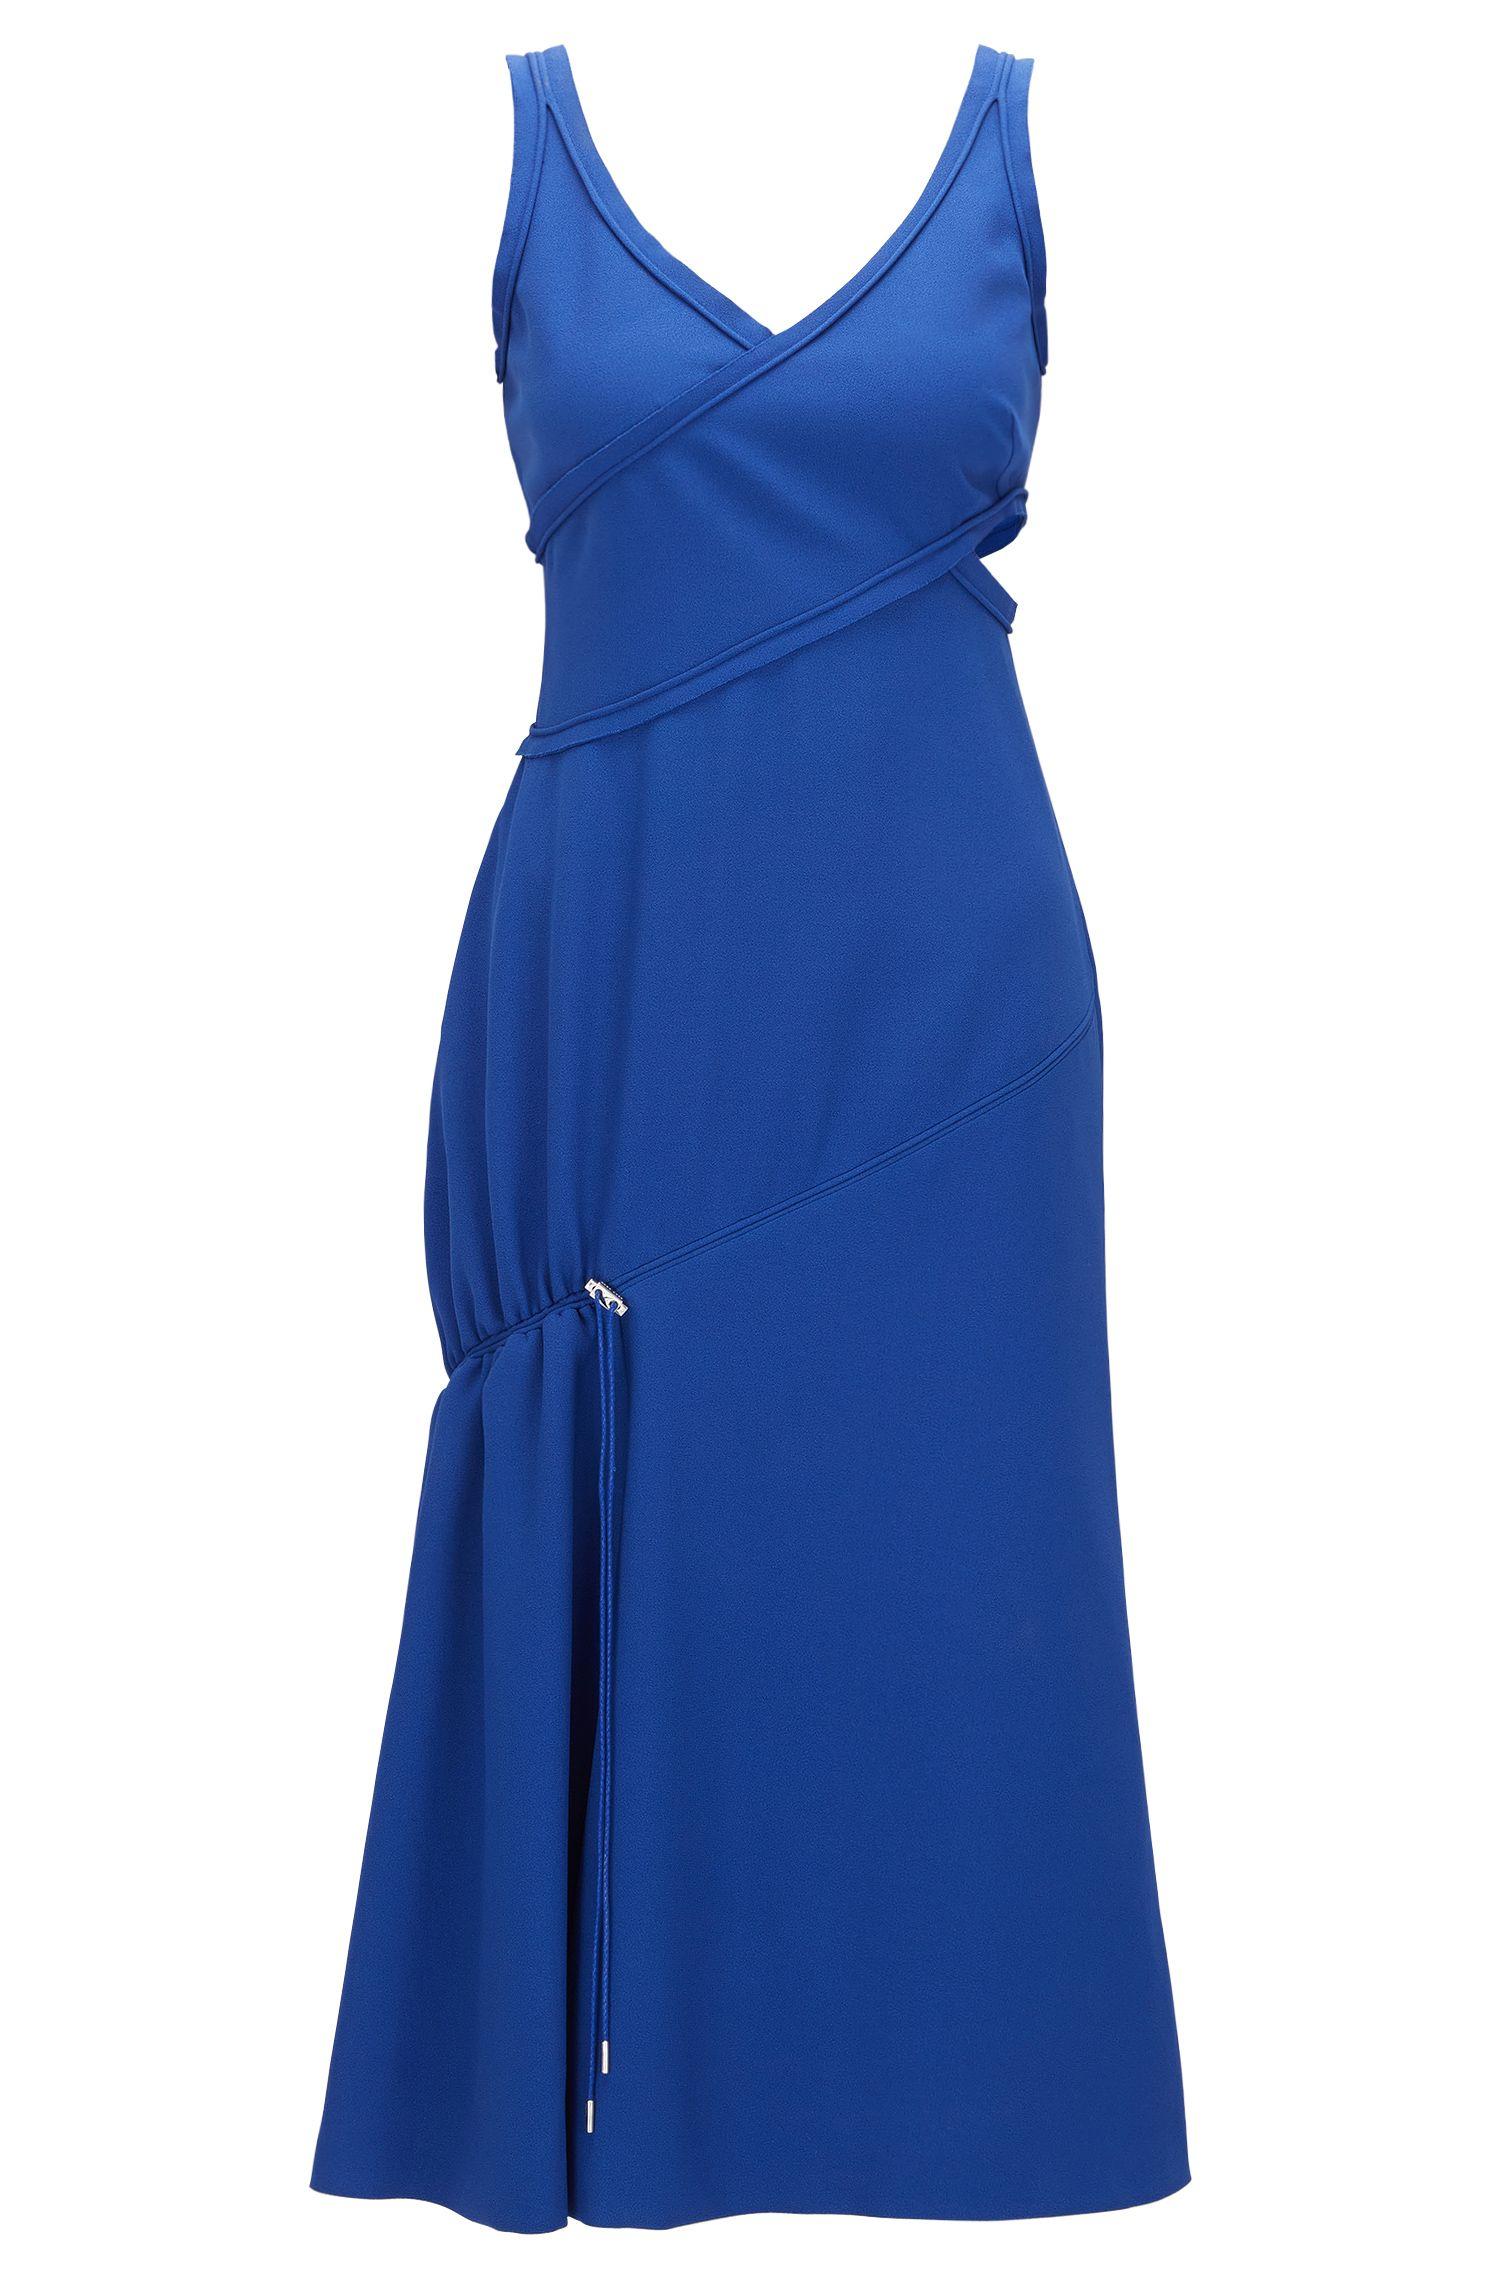 'FS Demania C' | Crepe Cut-Out A-Line Dress